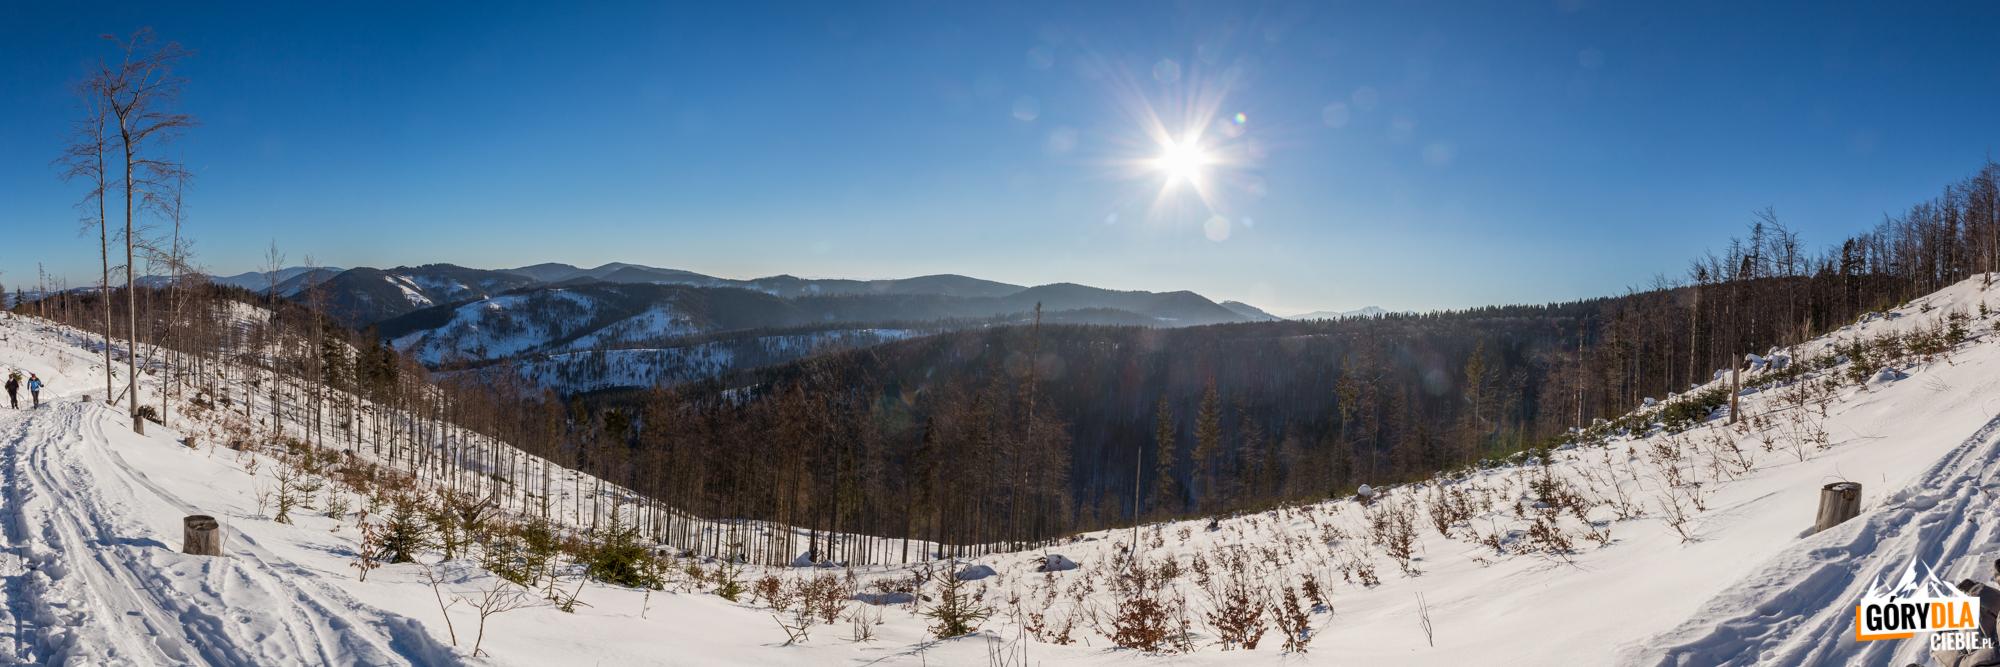 Widoki zżółtego szlaku naWielką Raczę (1236 m) wkierunku Rycerzowej Wielkiej (1226 m)